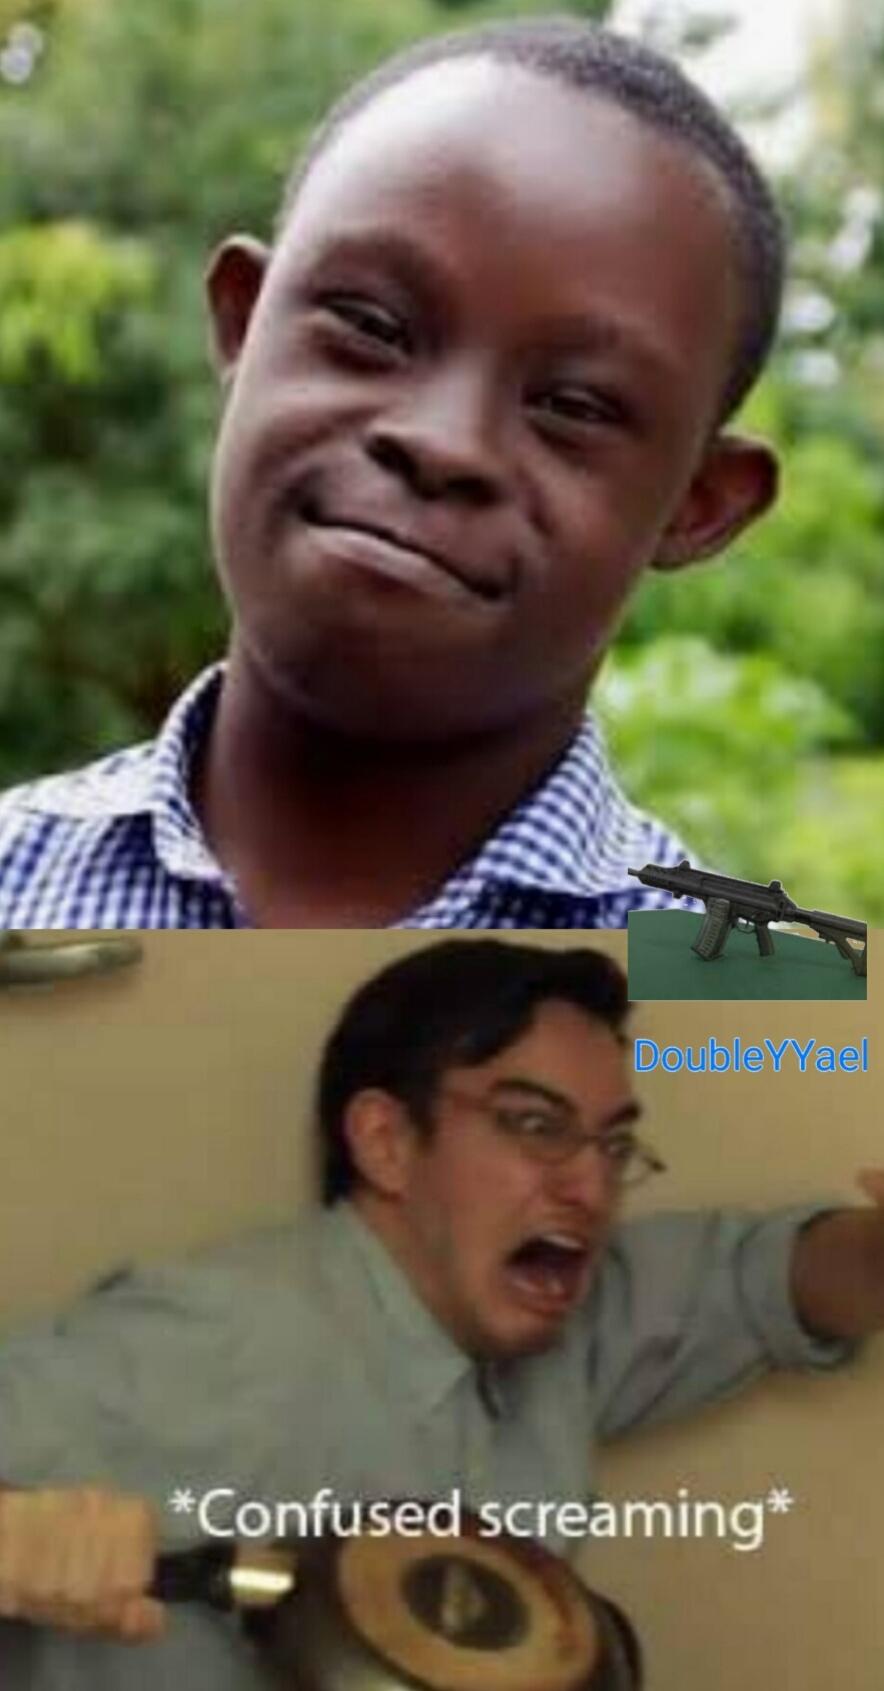 Negro con síndrome de down - meme